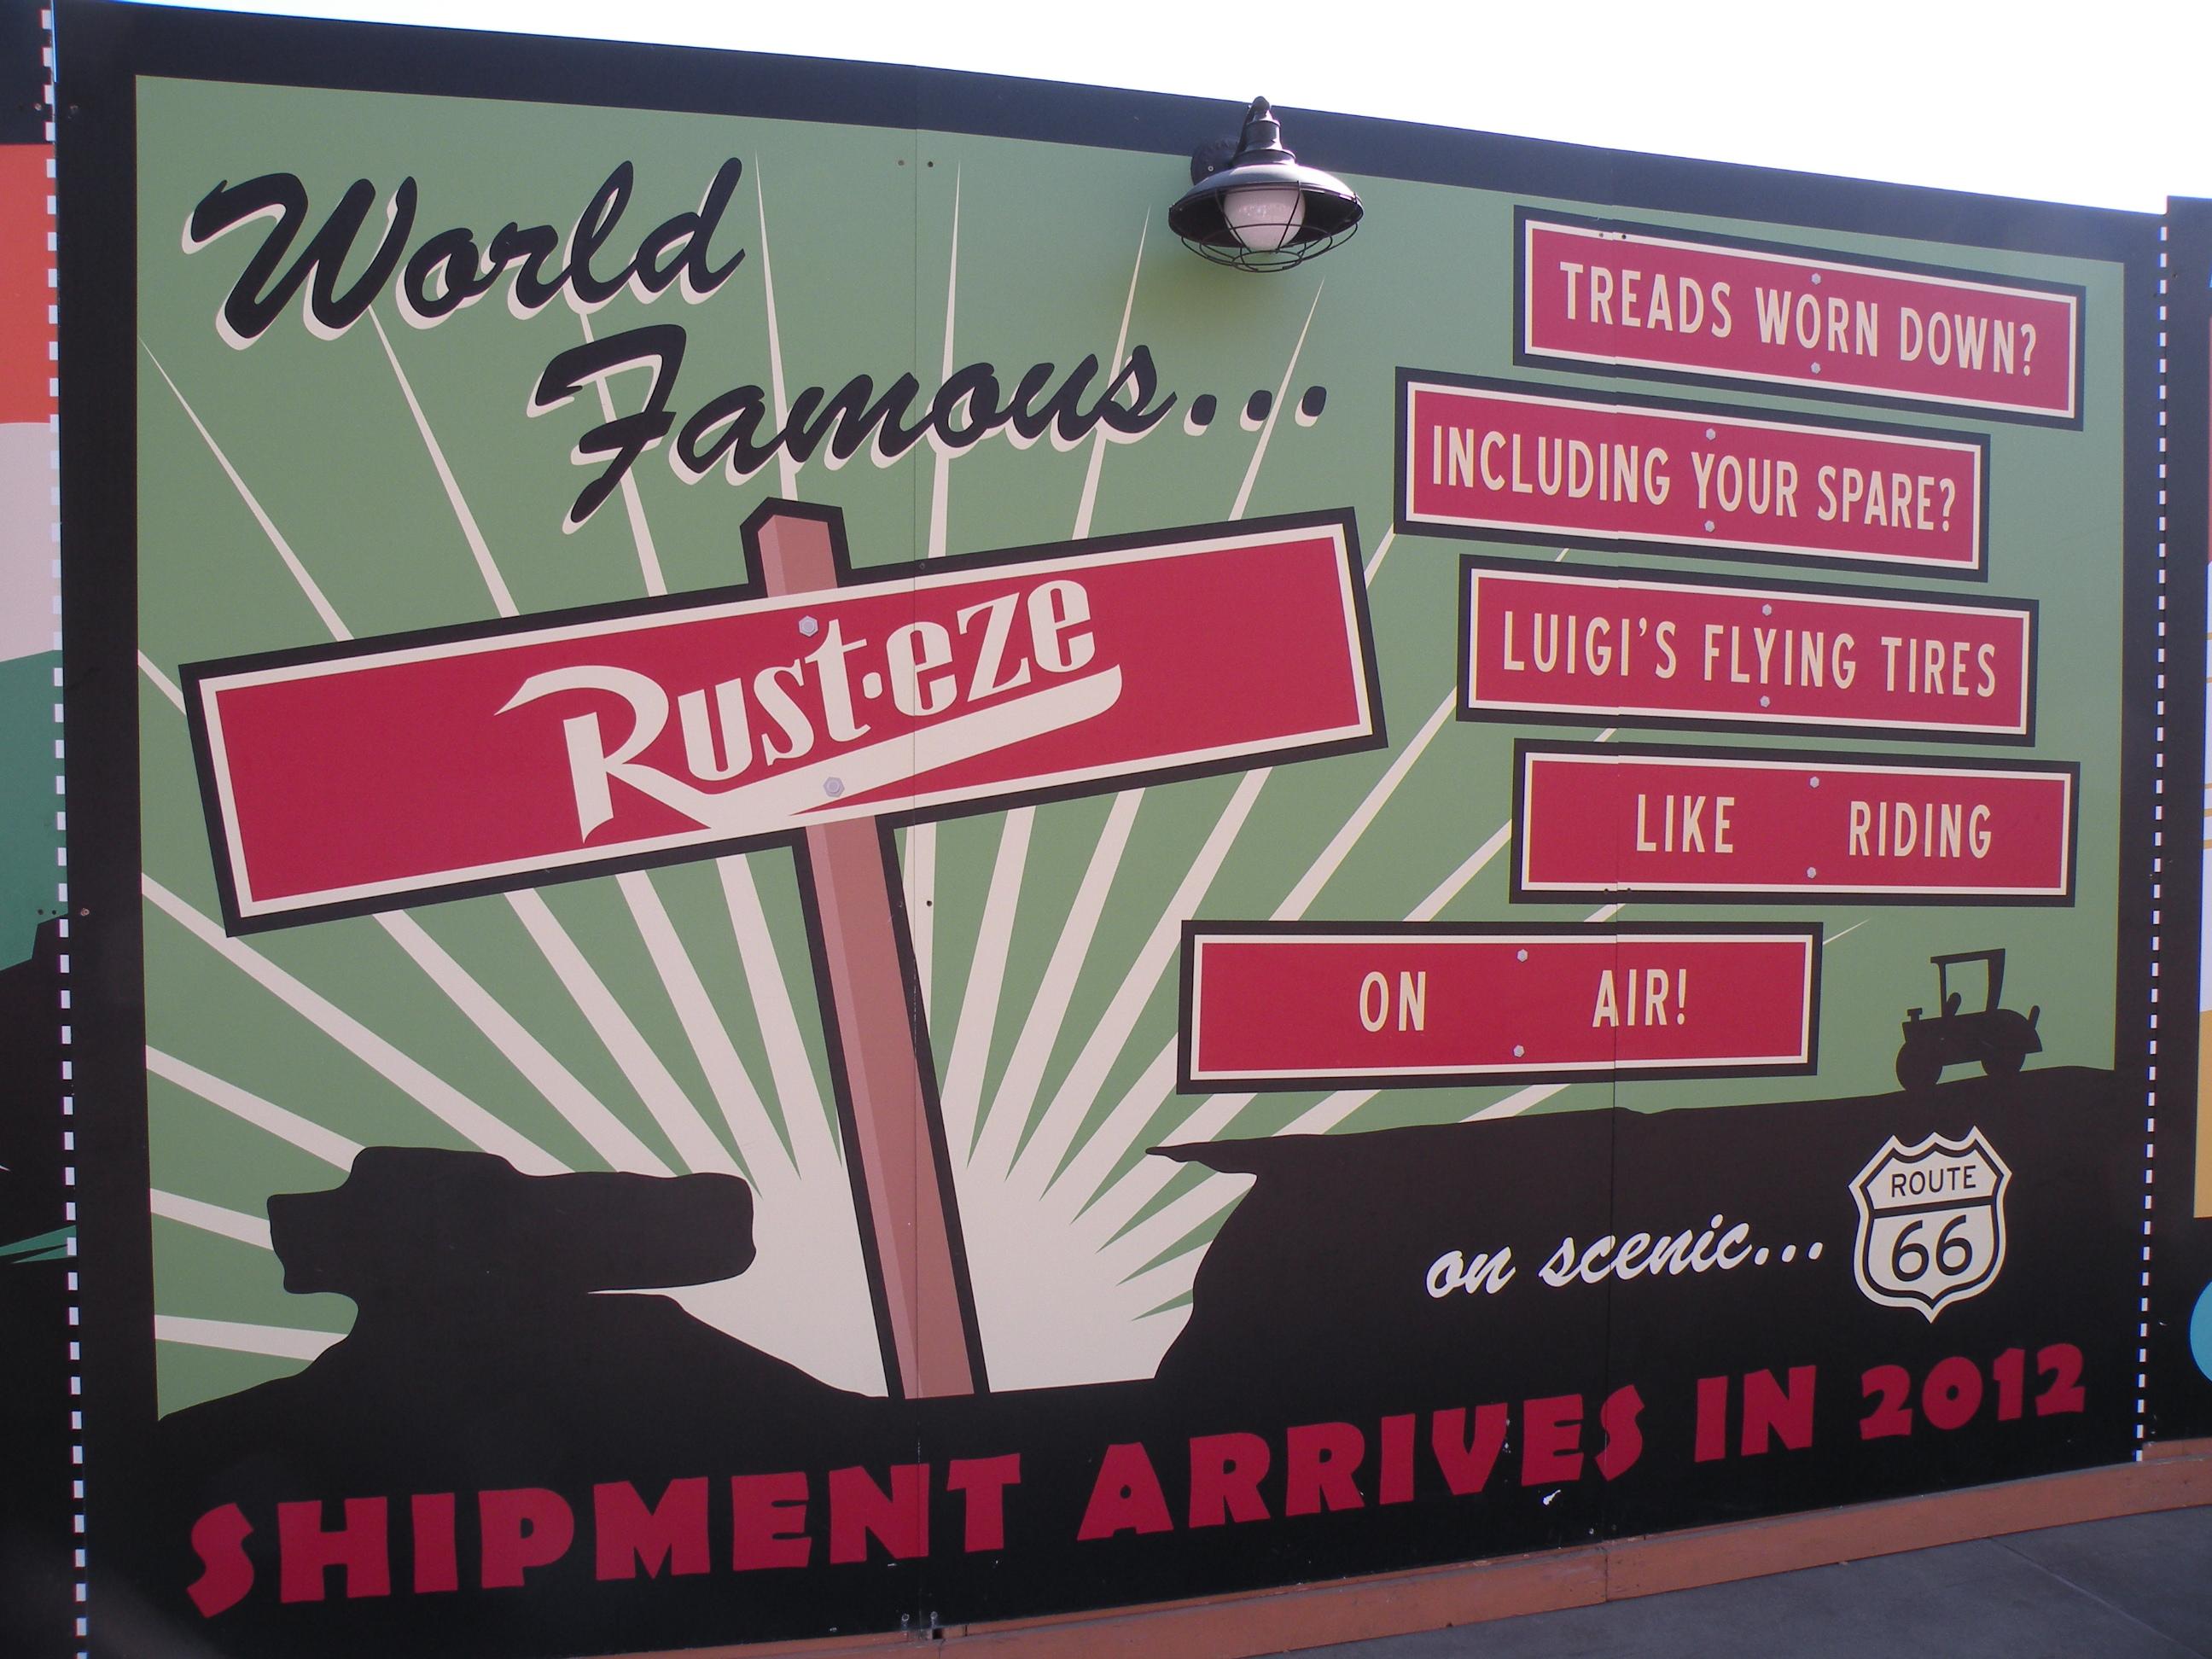 Shipment Arrives in 2012